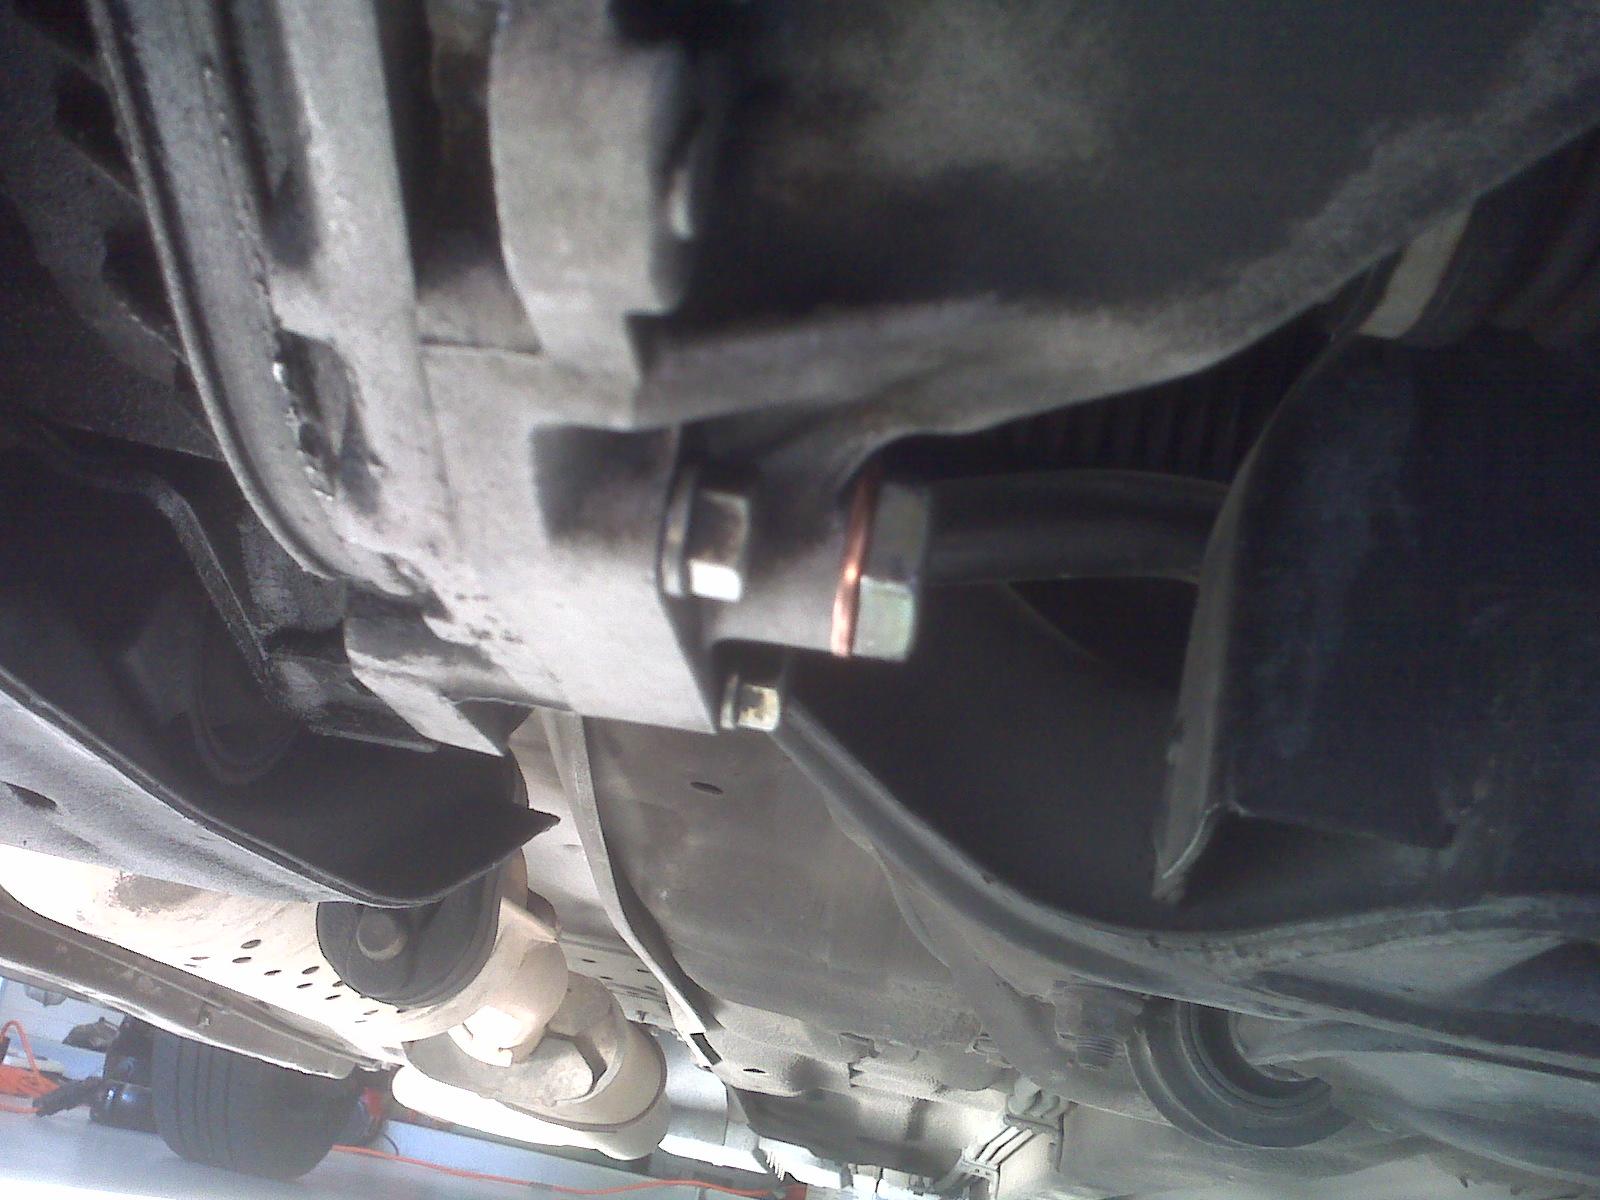 2002 Honda Civic Mpg >> Omid's DIY web log: 1999 Hyundai Elantra Manual Transmission Oil Replacement